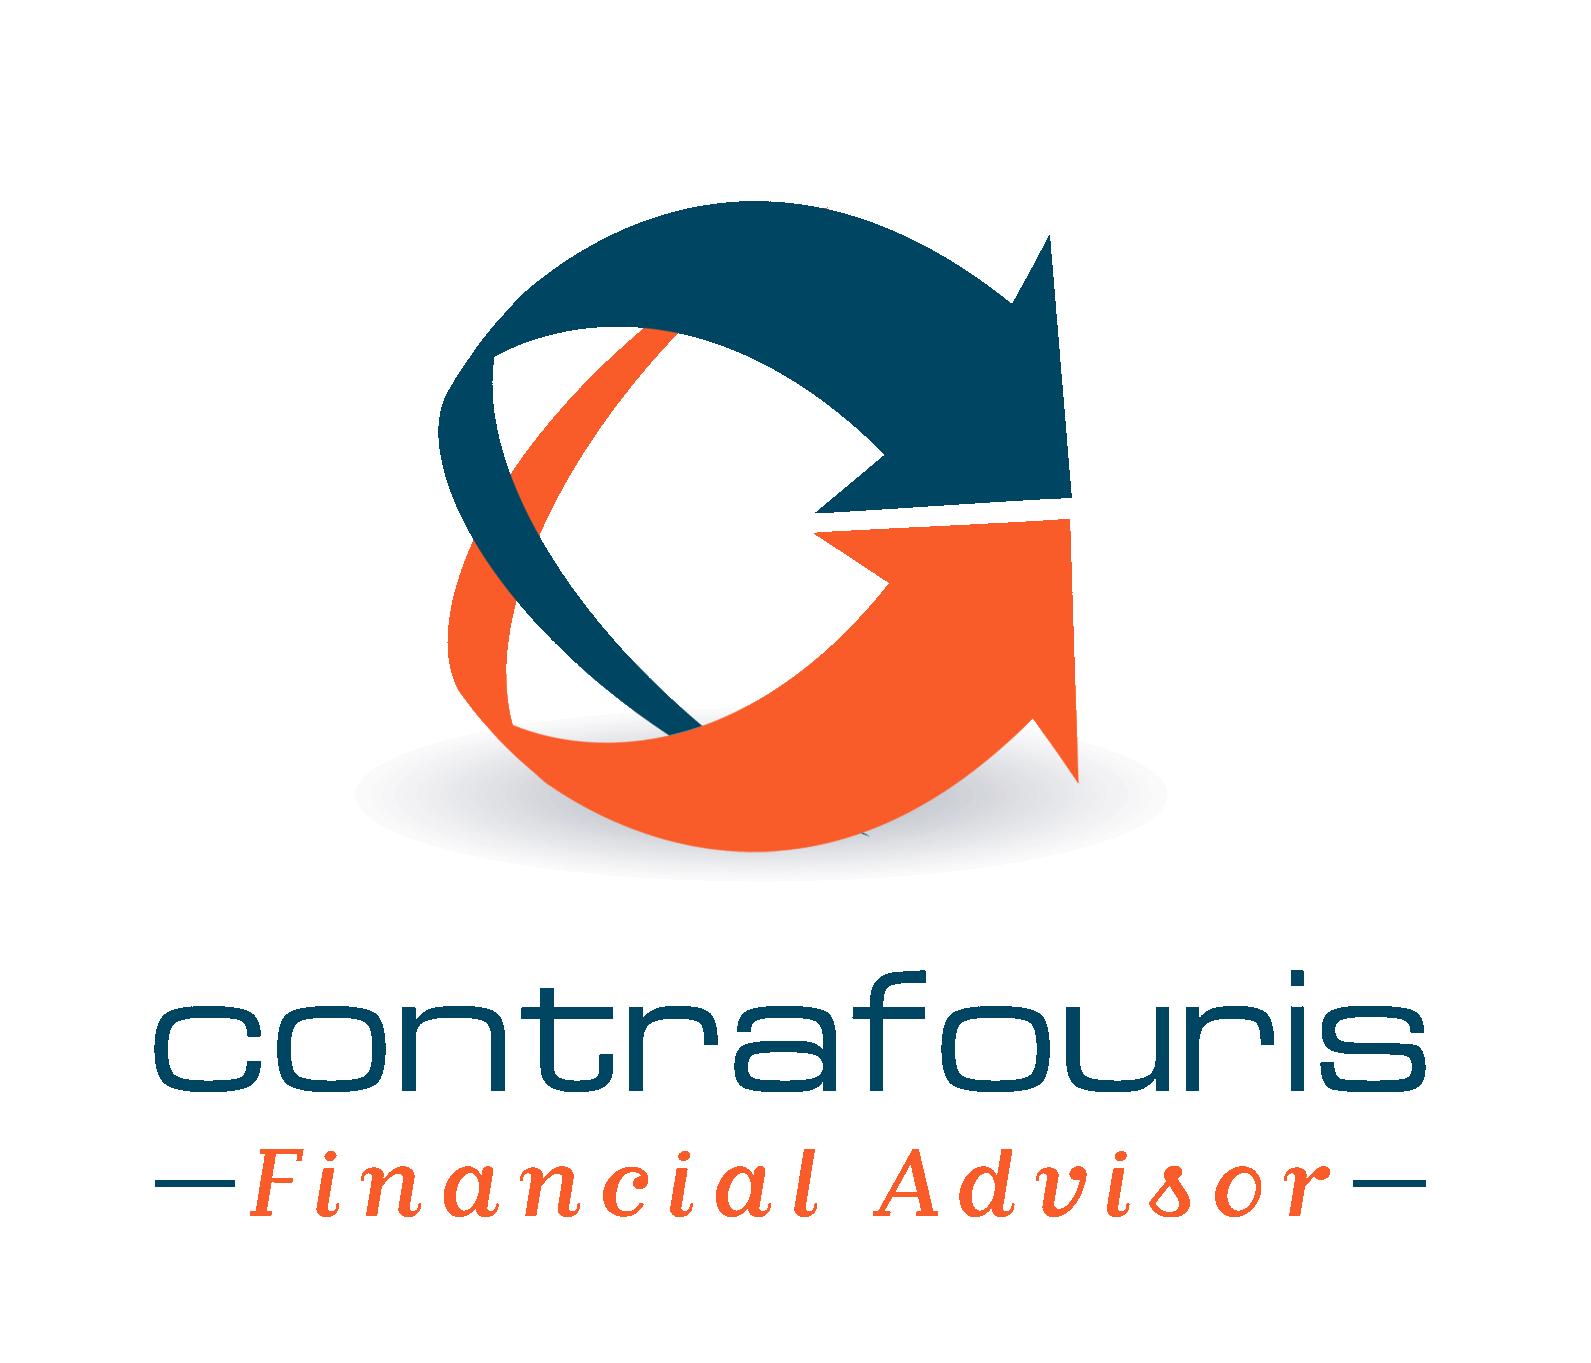 contrafouris-1